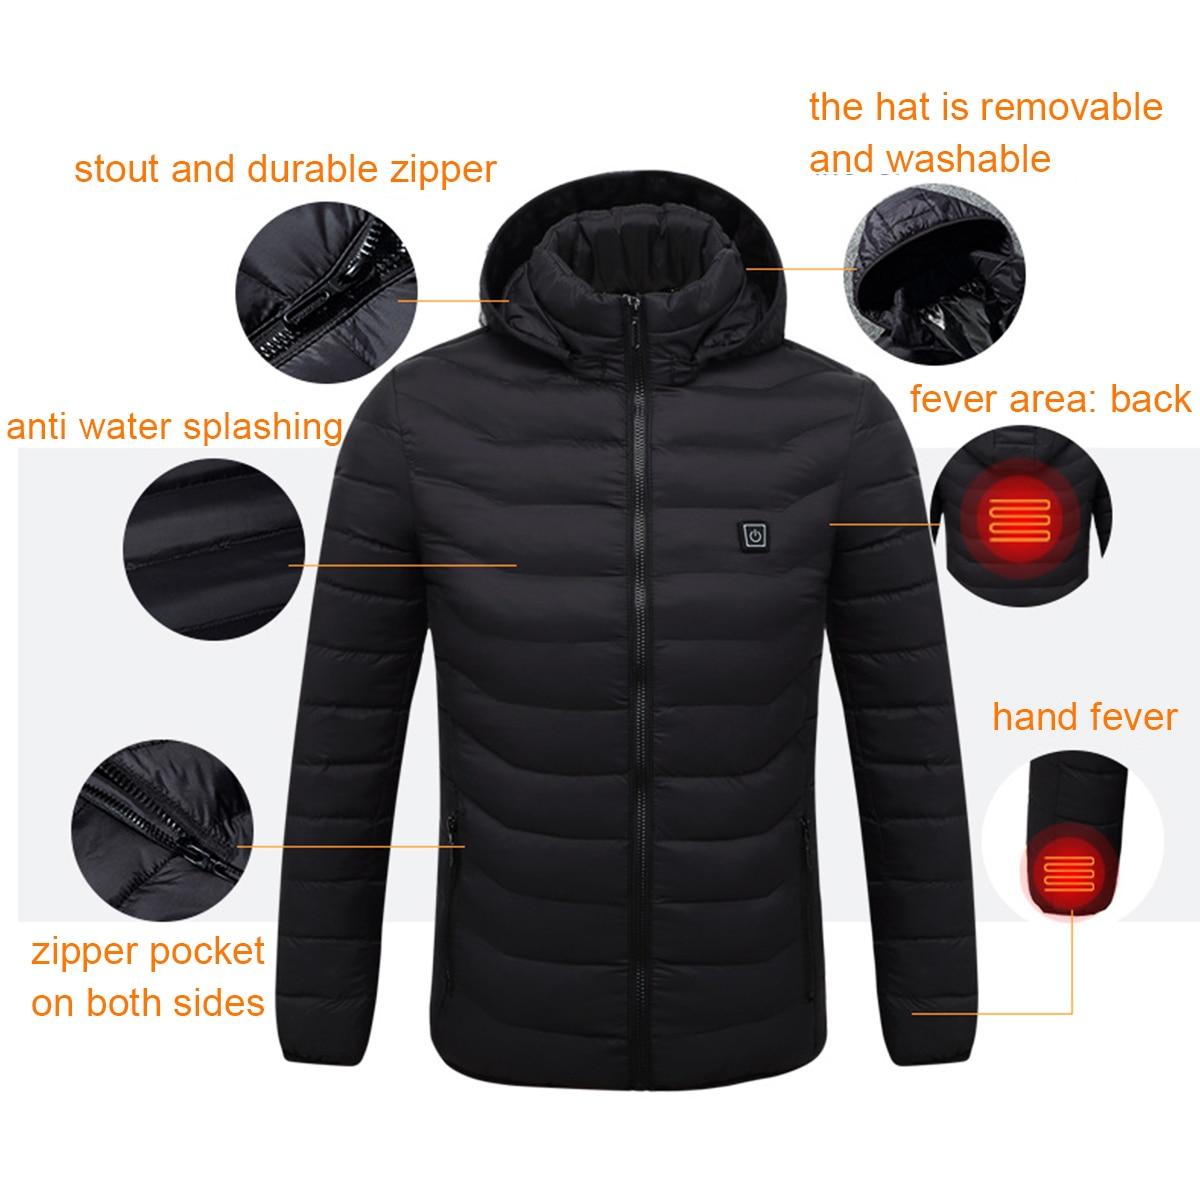 NEUE Herren Winter Beheizte USB Mit Kapuze Arbeit Jacke Mäntel Einstellbare Temperatur Control Sicherheit Kleidung